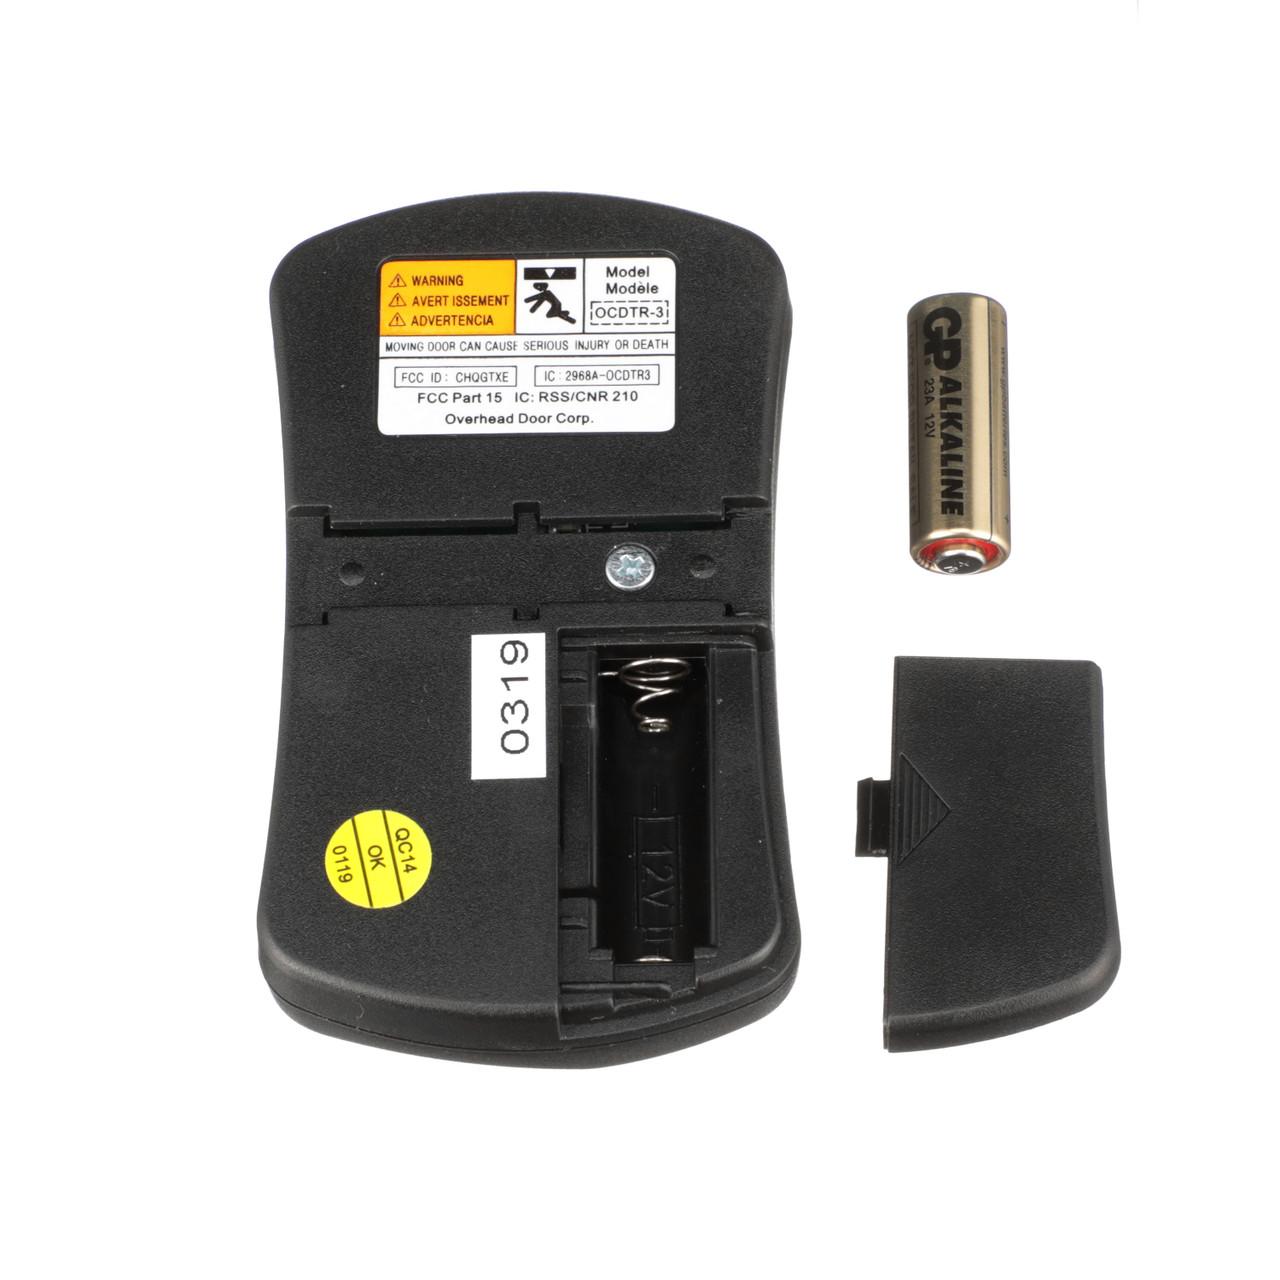 OVERHEAD DOOR REMOTE CONTROL, OCDTR-3, 37517R (FREE SHIPPING)